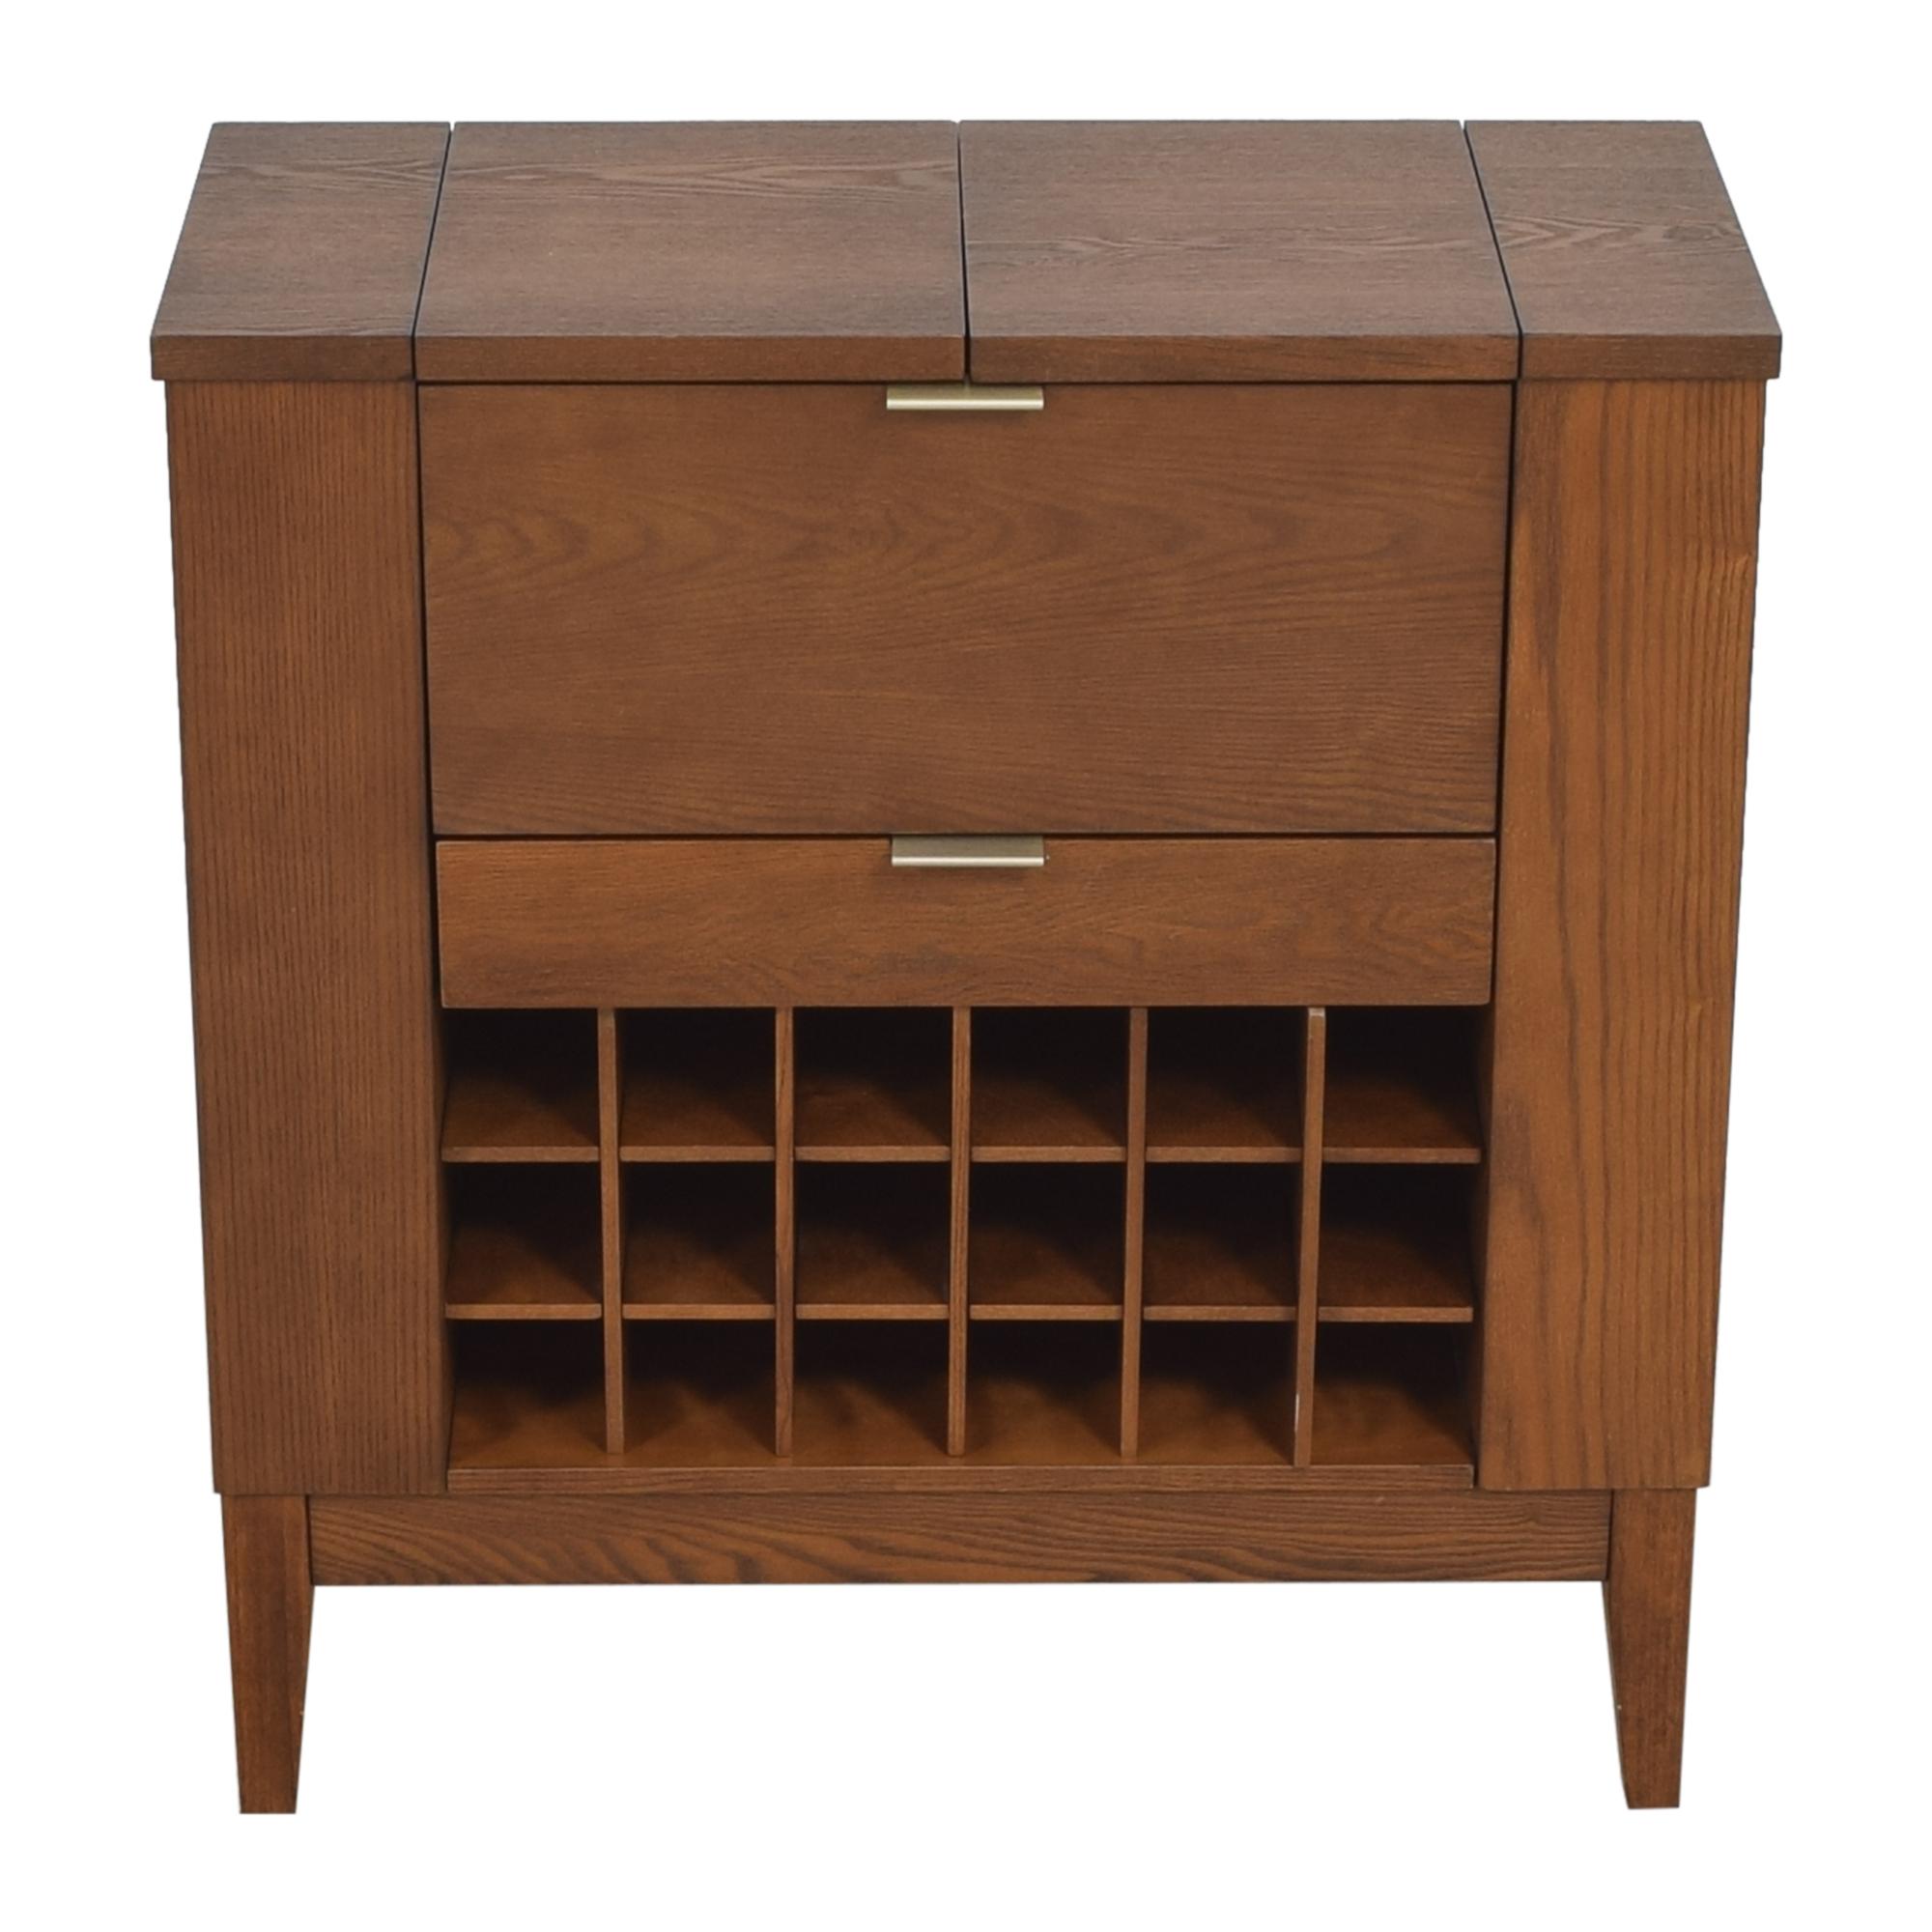 Crate & Barrel Crate & Barrel Parker Spirits Bourbon Cabinet on sale